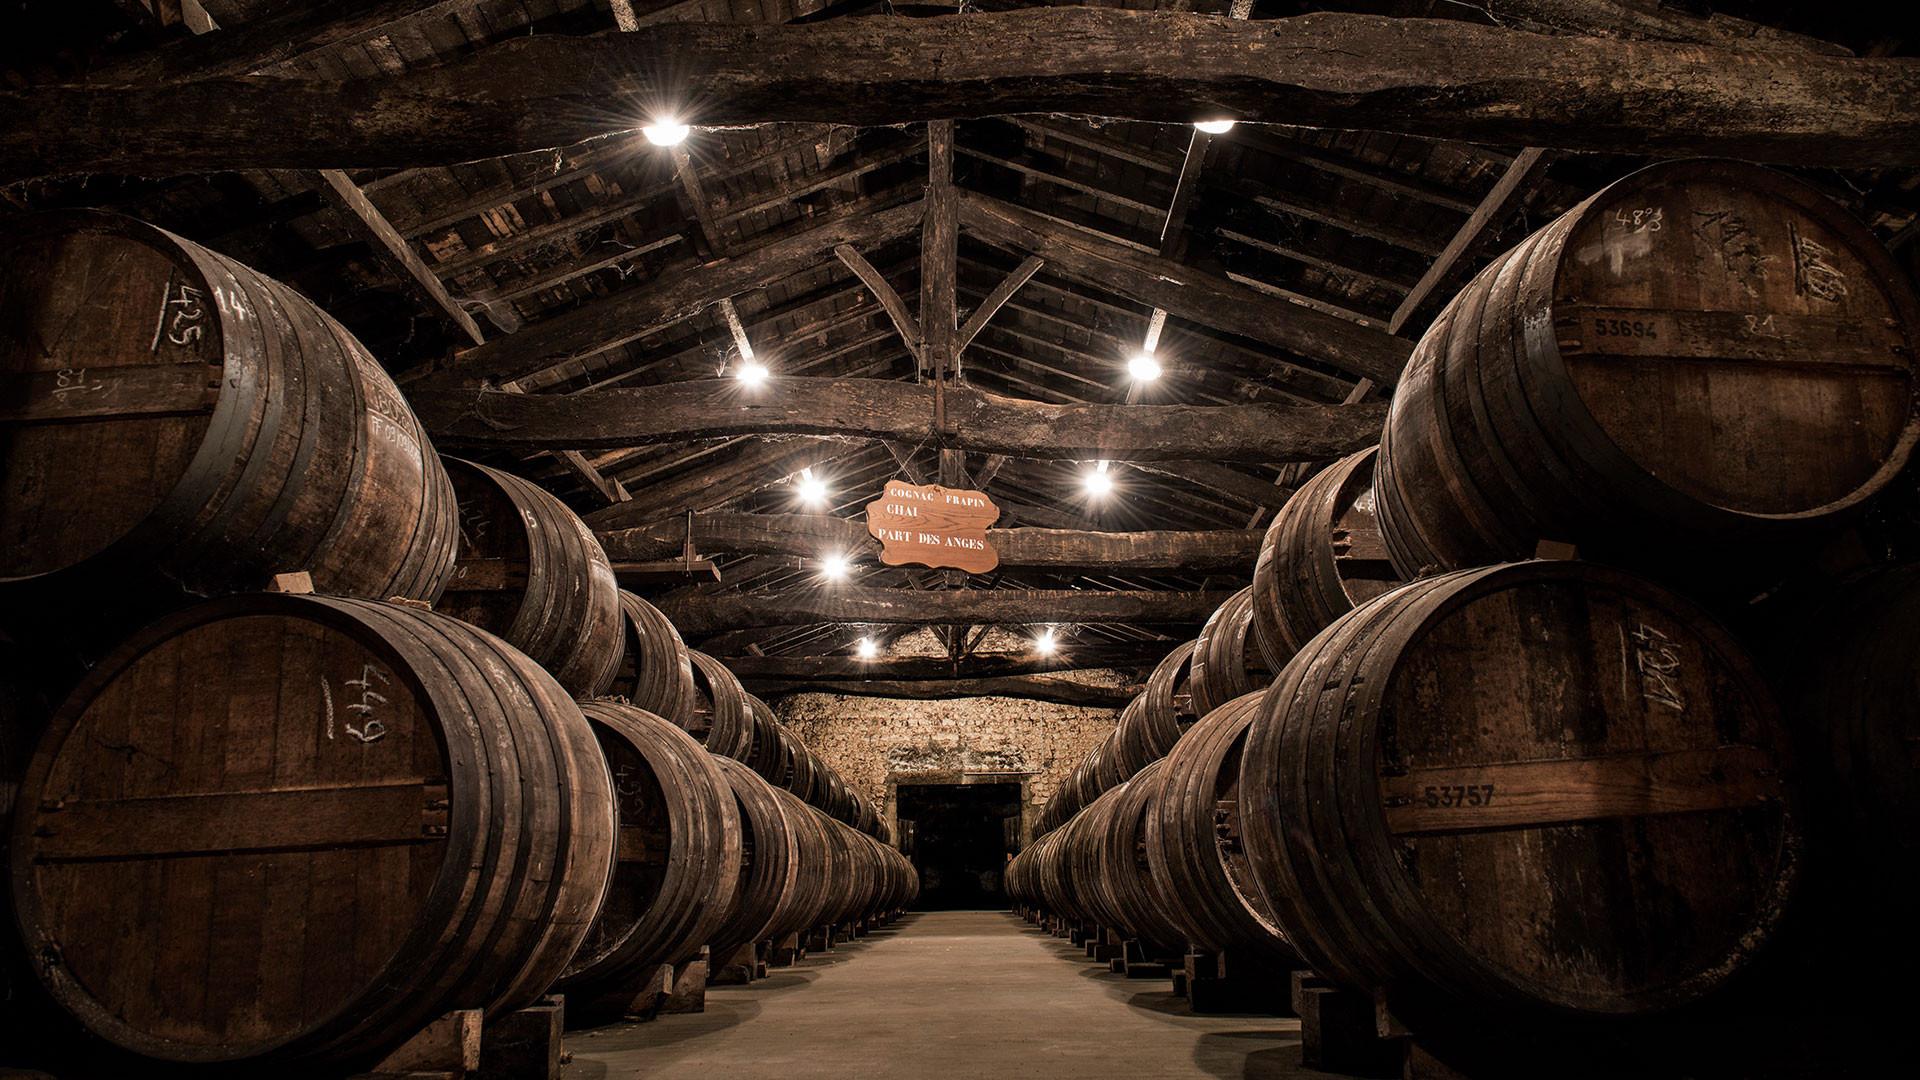 The cellar at Frapin